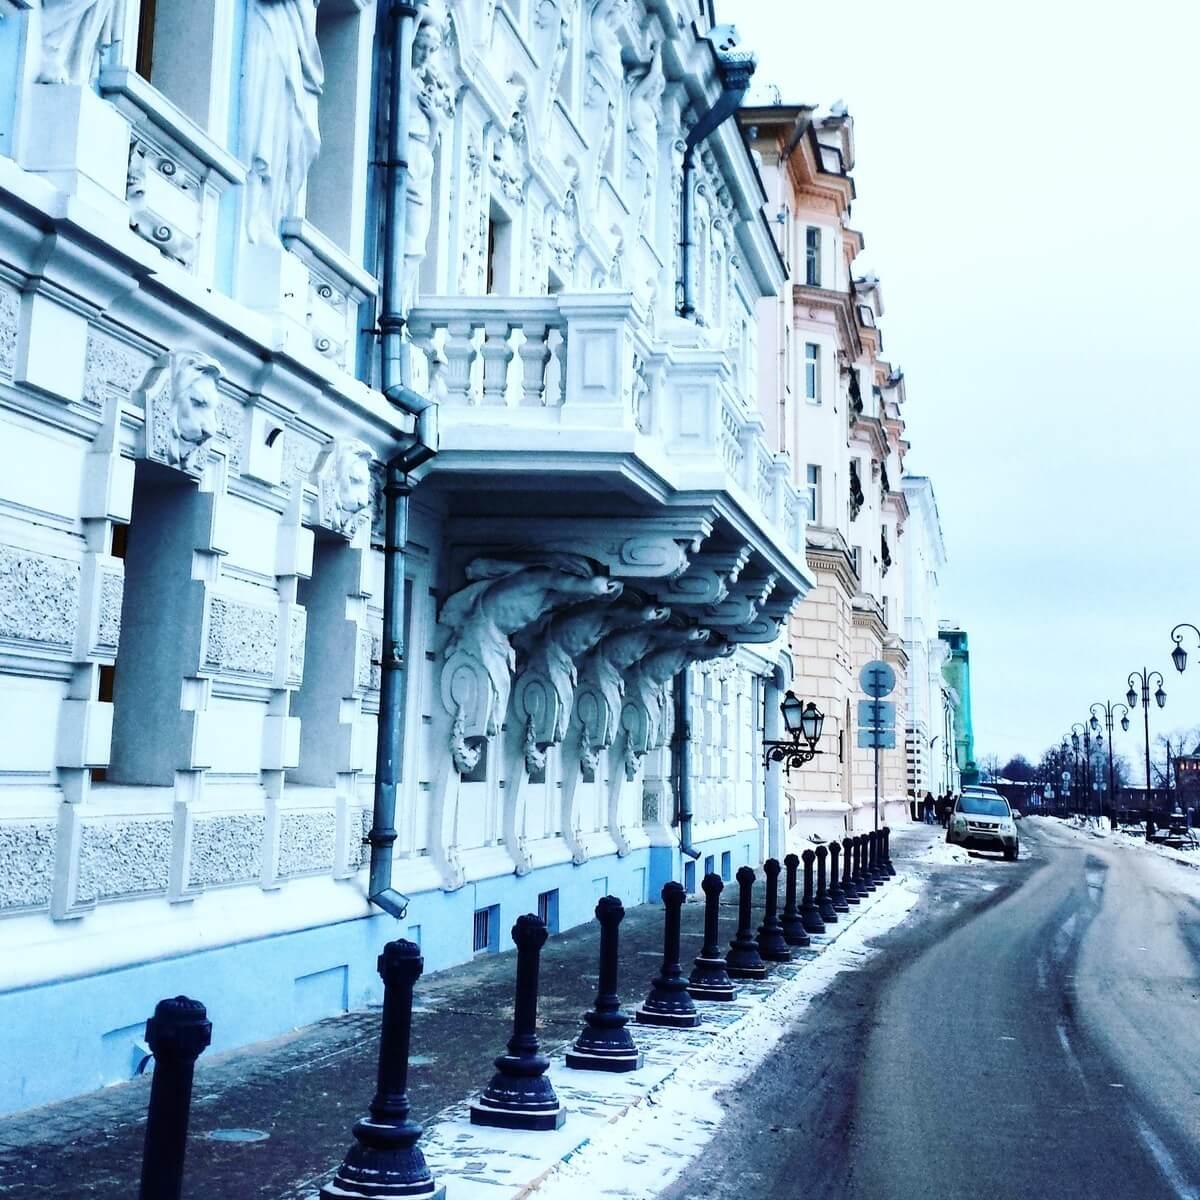 Топ популярных музеев России в новогодние праздники